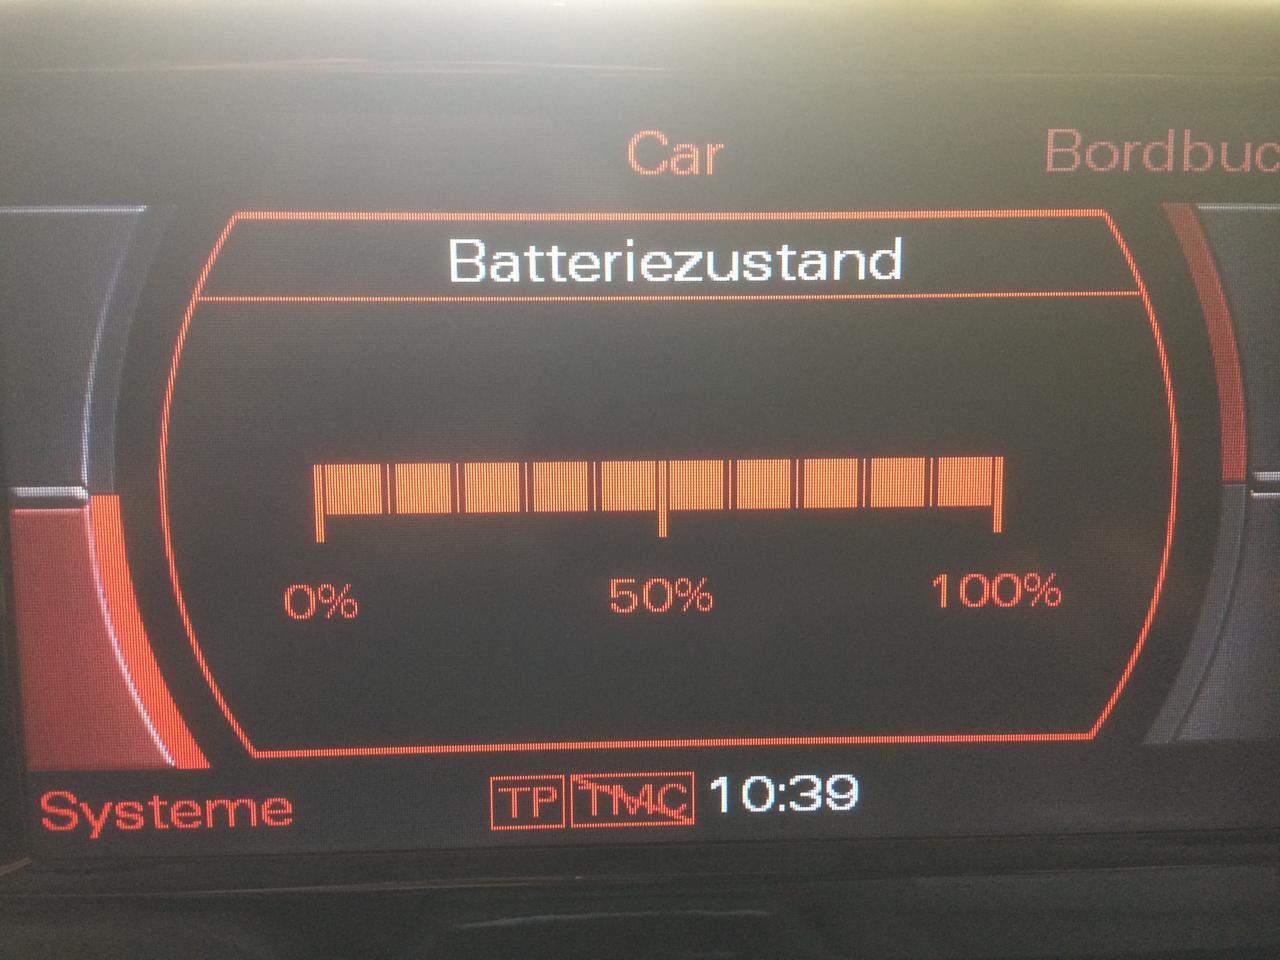 Audi leállítás után megy a ventilátor